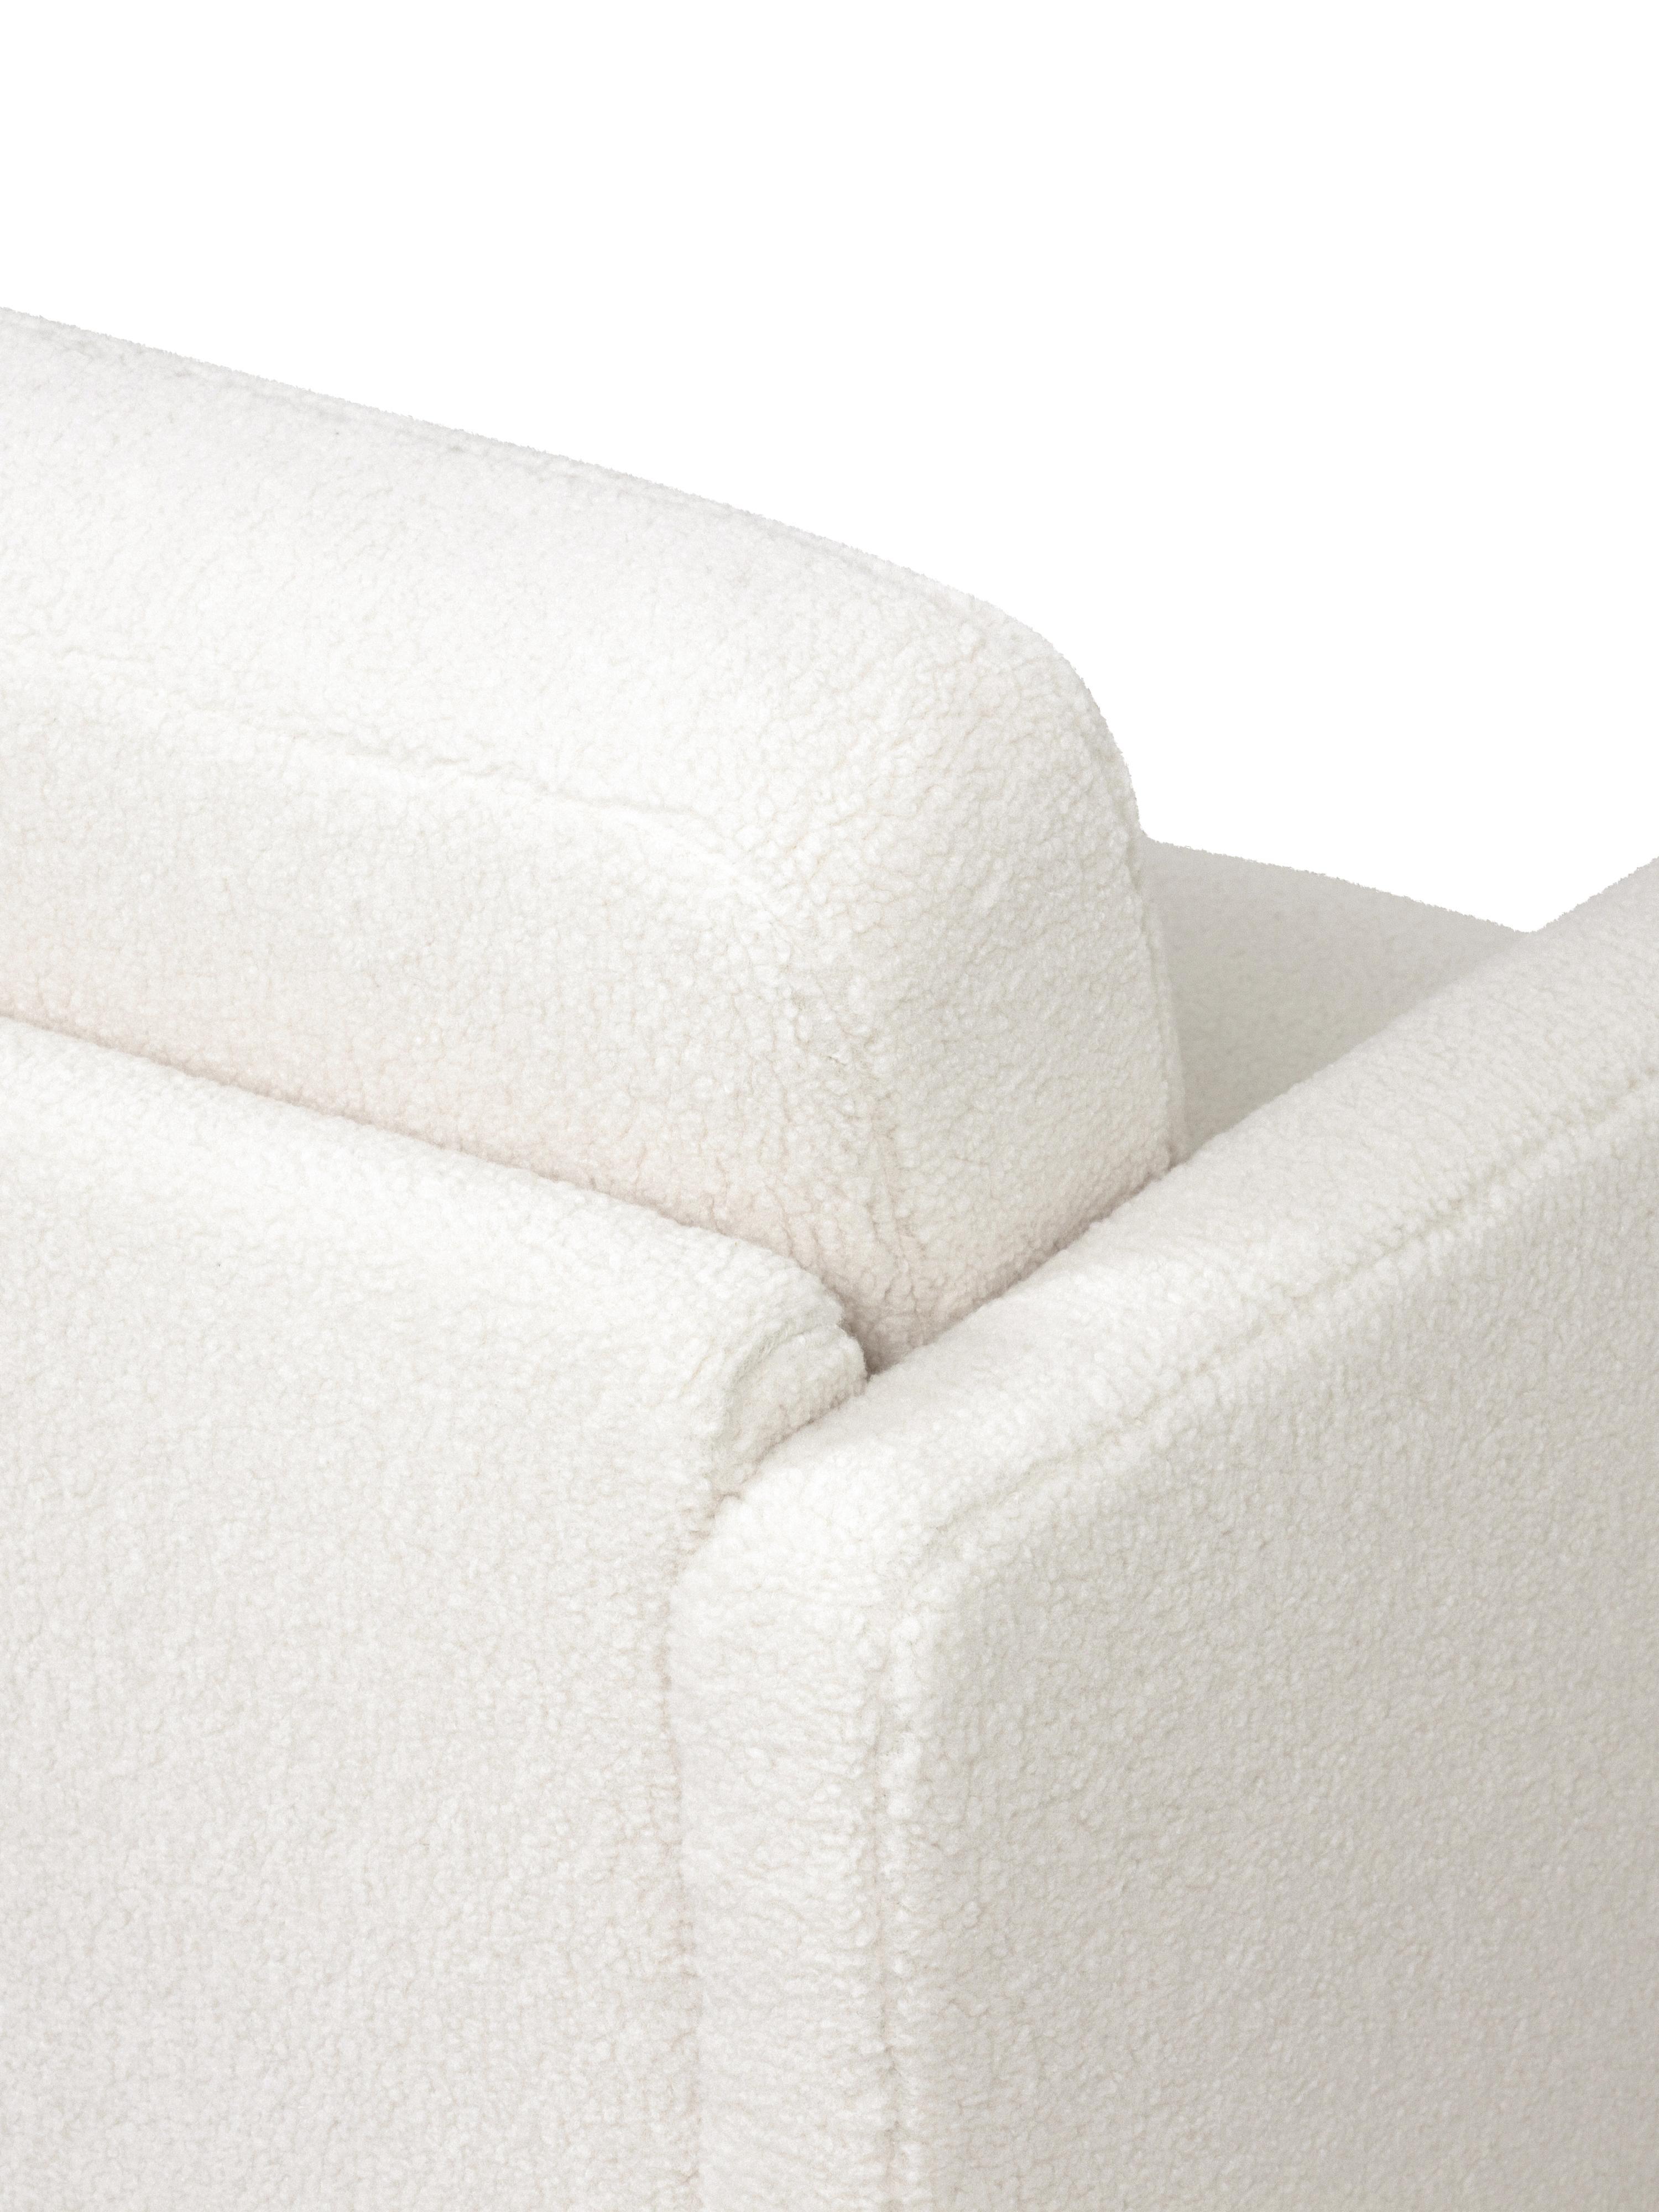 Teddy-Sofa Fluente (3-Sitzer), Bezug: 100% Polyester (Teddyfell, Gestell: Massives Kiefernholz, Füße: Metall, pulverbeschichtet, Teddy Cremeweiß, B 196 x T 85 cm